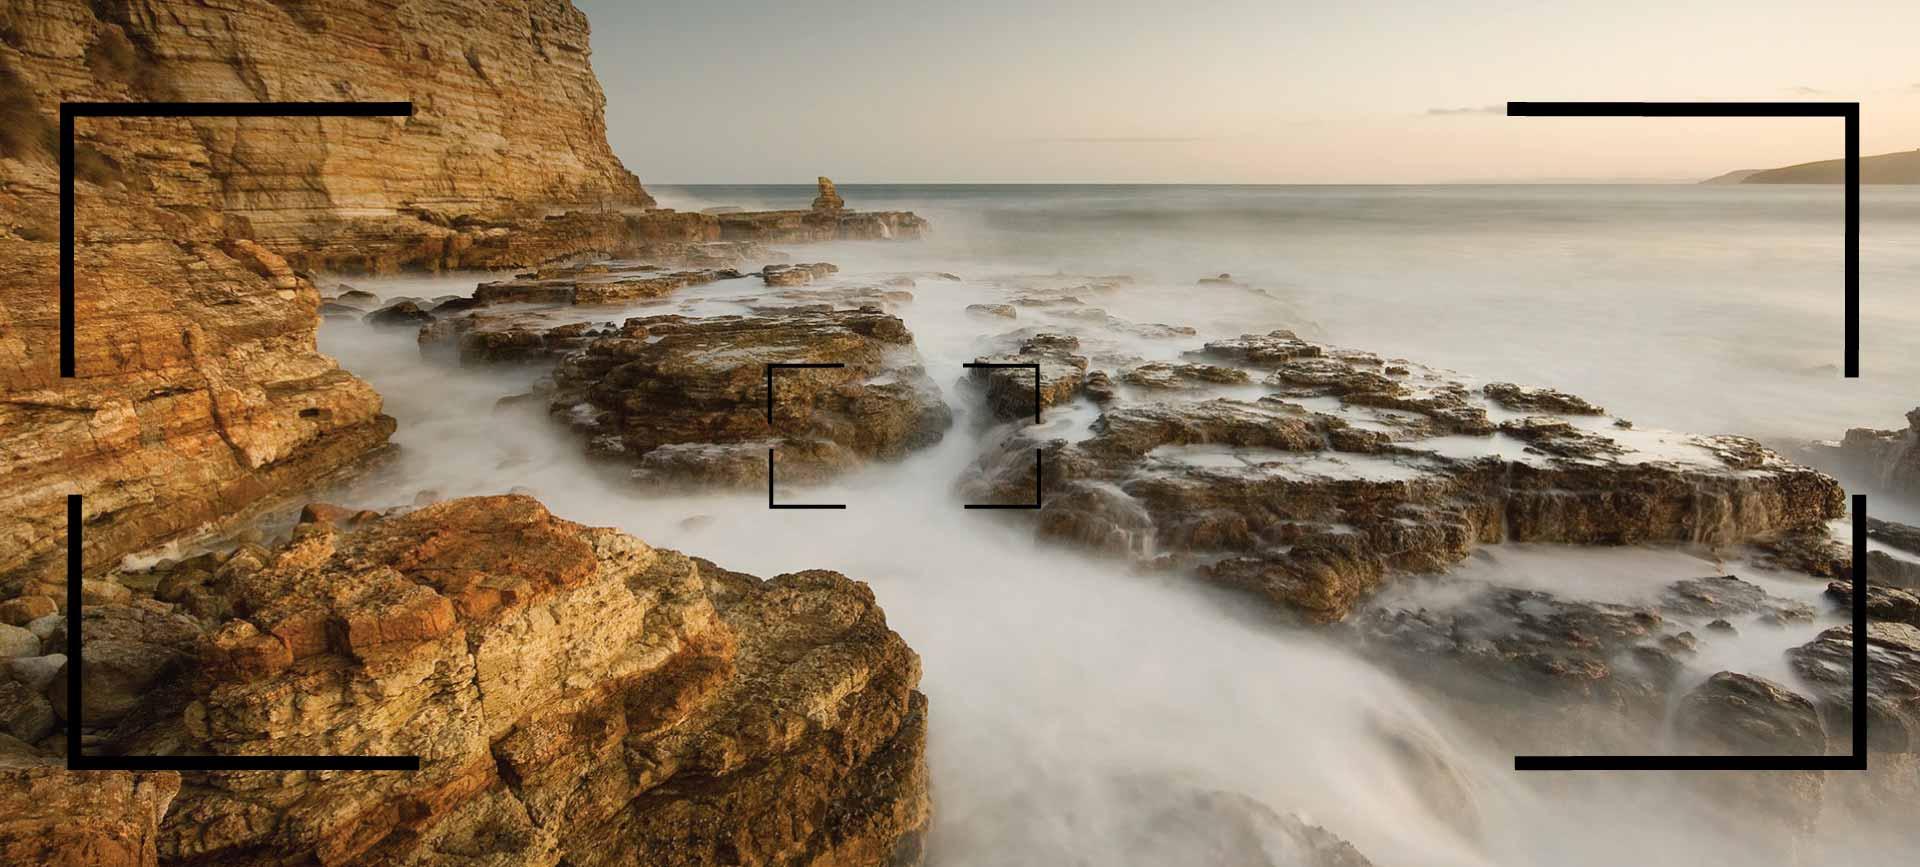 photography 1 - عناصر ترکیب بندی در عکاسی